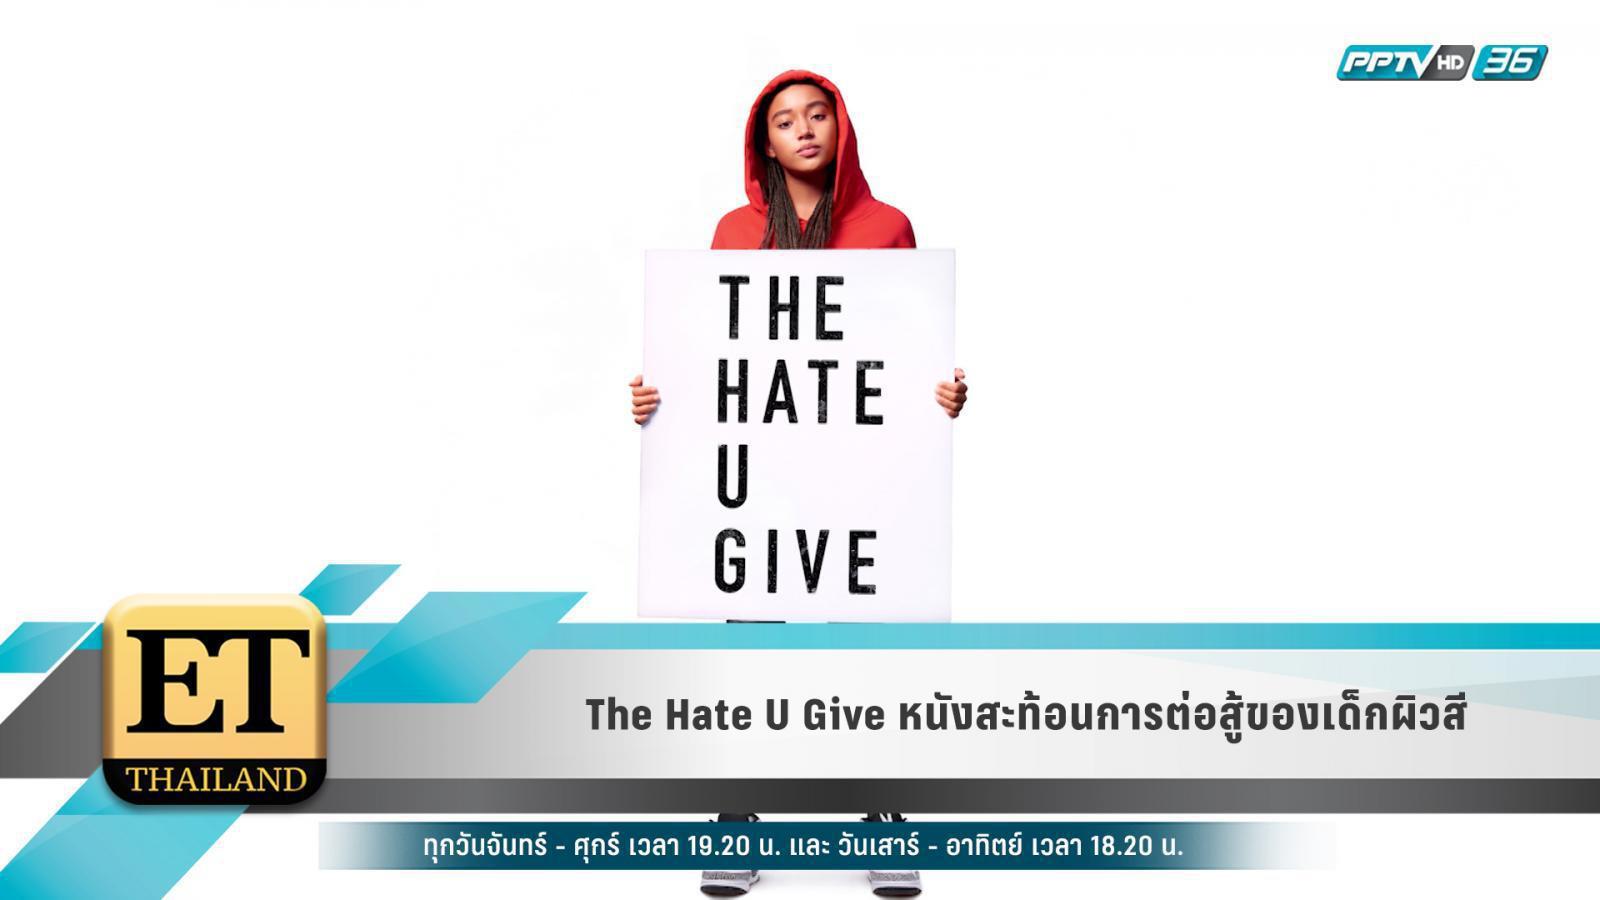 ภาพยนตร์ The Hate U Give หนังสะท้อนการต่อสู้ของเด็กผิวสี